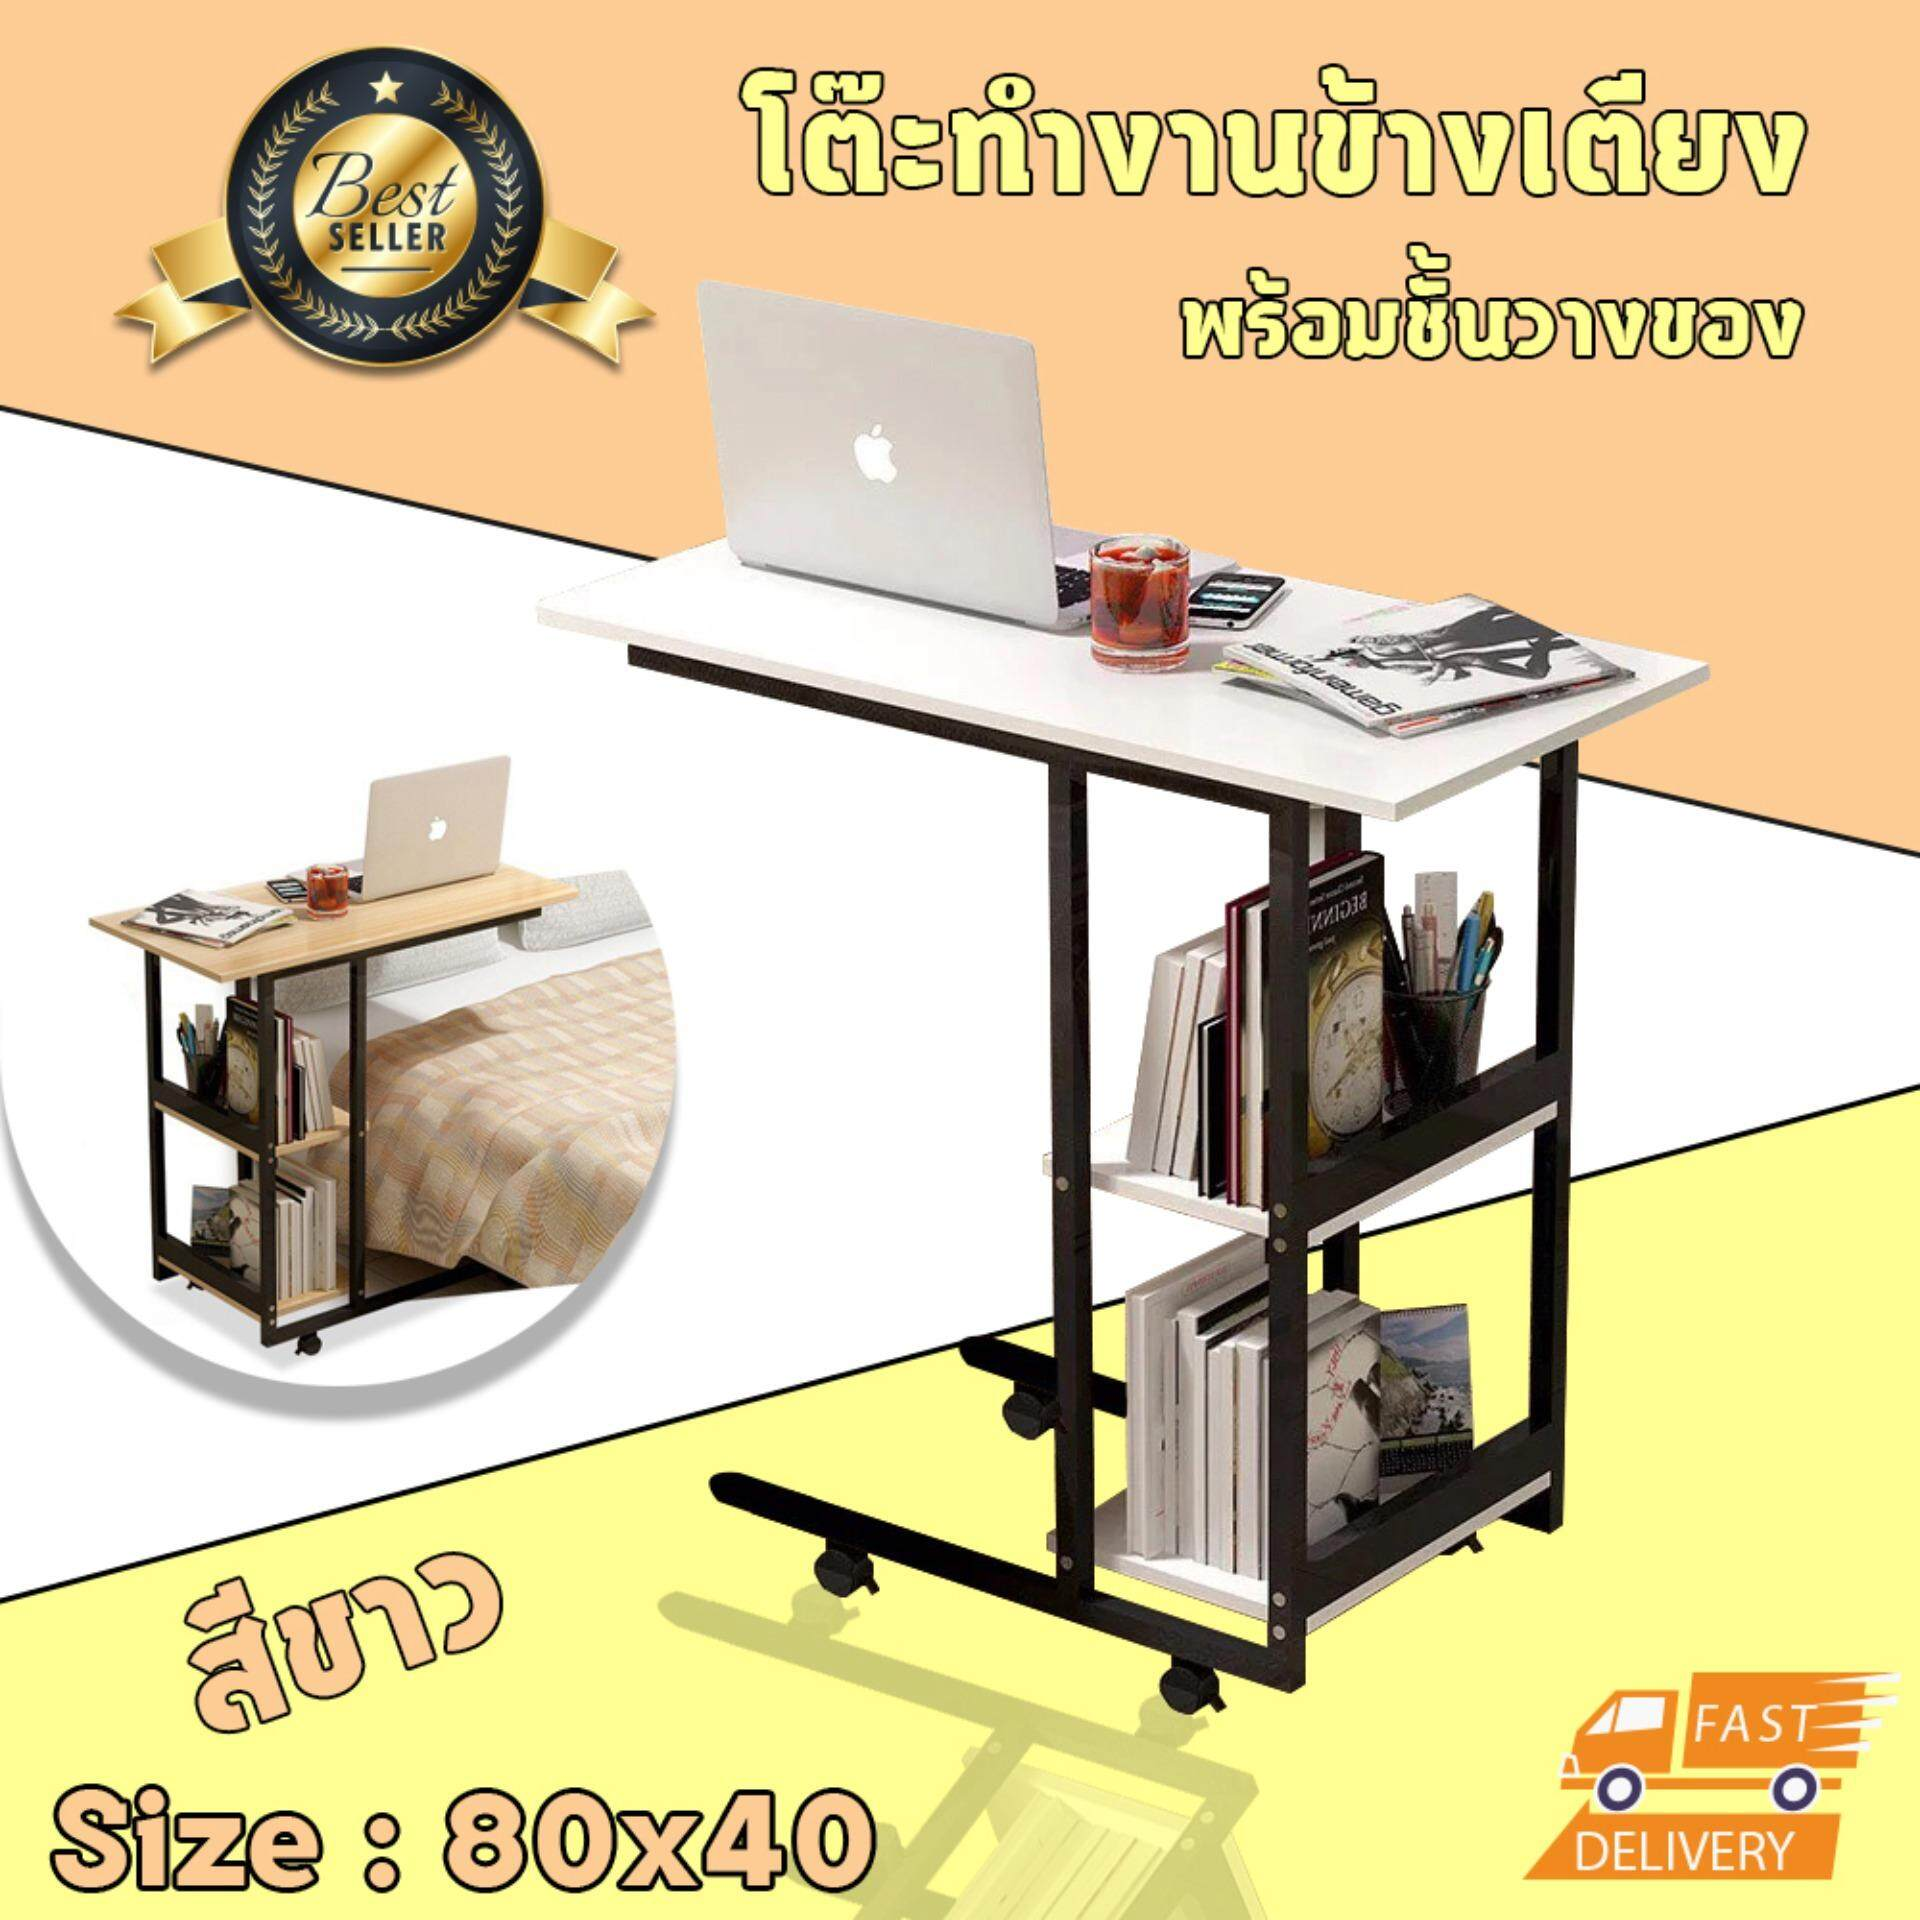 โต๊ะวางโน๊ตบุ๊ค (รุ่น A30) โต๊ะข้างเตียง โต๊ะข้างโซฟา ที่วางโน๊ตบุ๊ค โต๊ะทำงาน โต๊ะวางคอมพิวเตอร์ โต๊ะอ่านหนังสือ โต๊ะเขียนหนังสือ โต๊ะอเนกประสงค์ ขนาด 80cm*40cm By Coolshop.